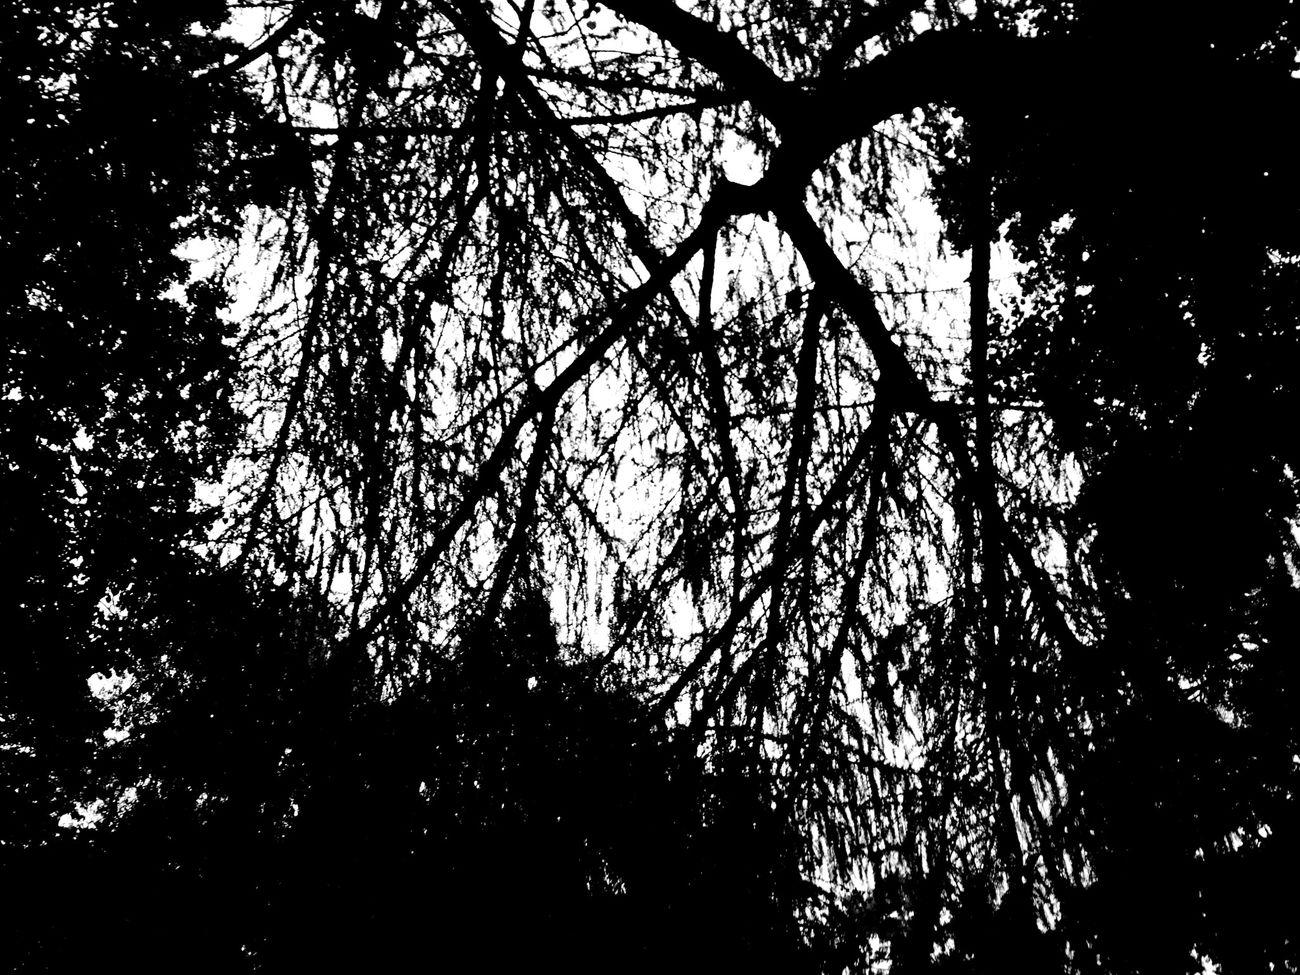 Garden Blackandwhite Black & White Trees Monochrome Abstract